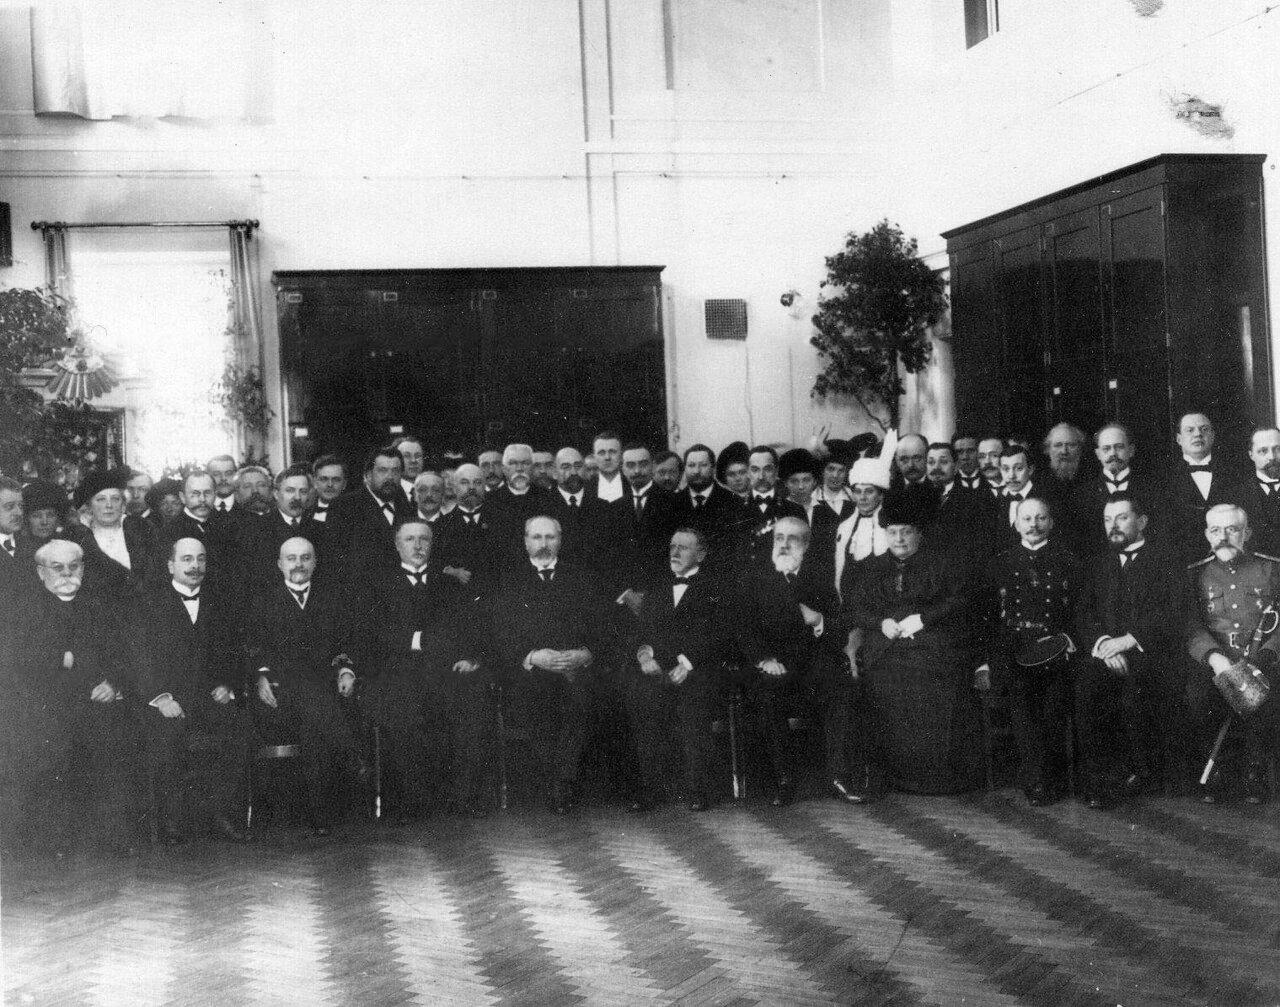 04. Группа служащих Ботанического сада на открытии нового помещения гербария и библиотеки. 1915